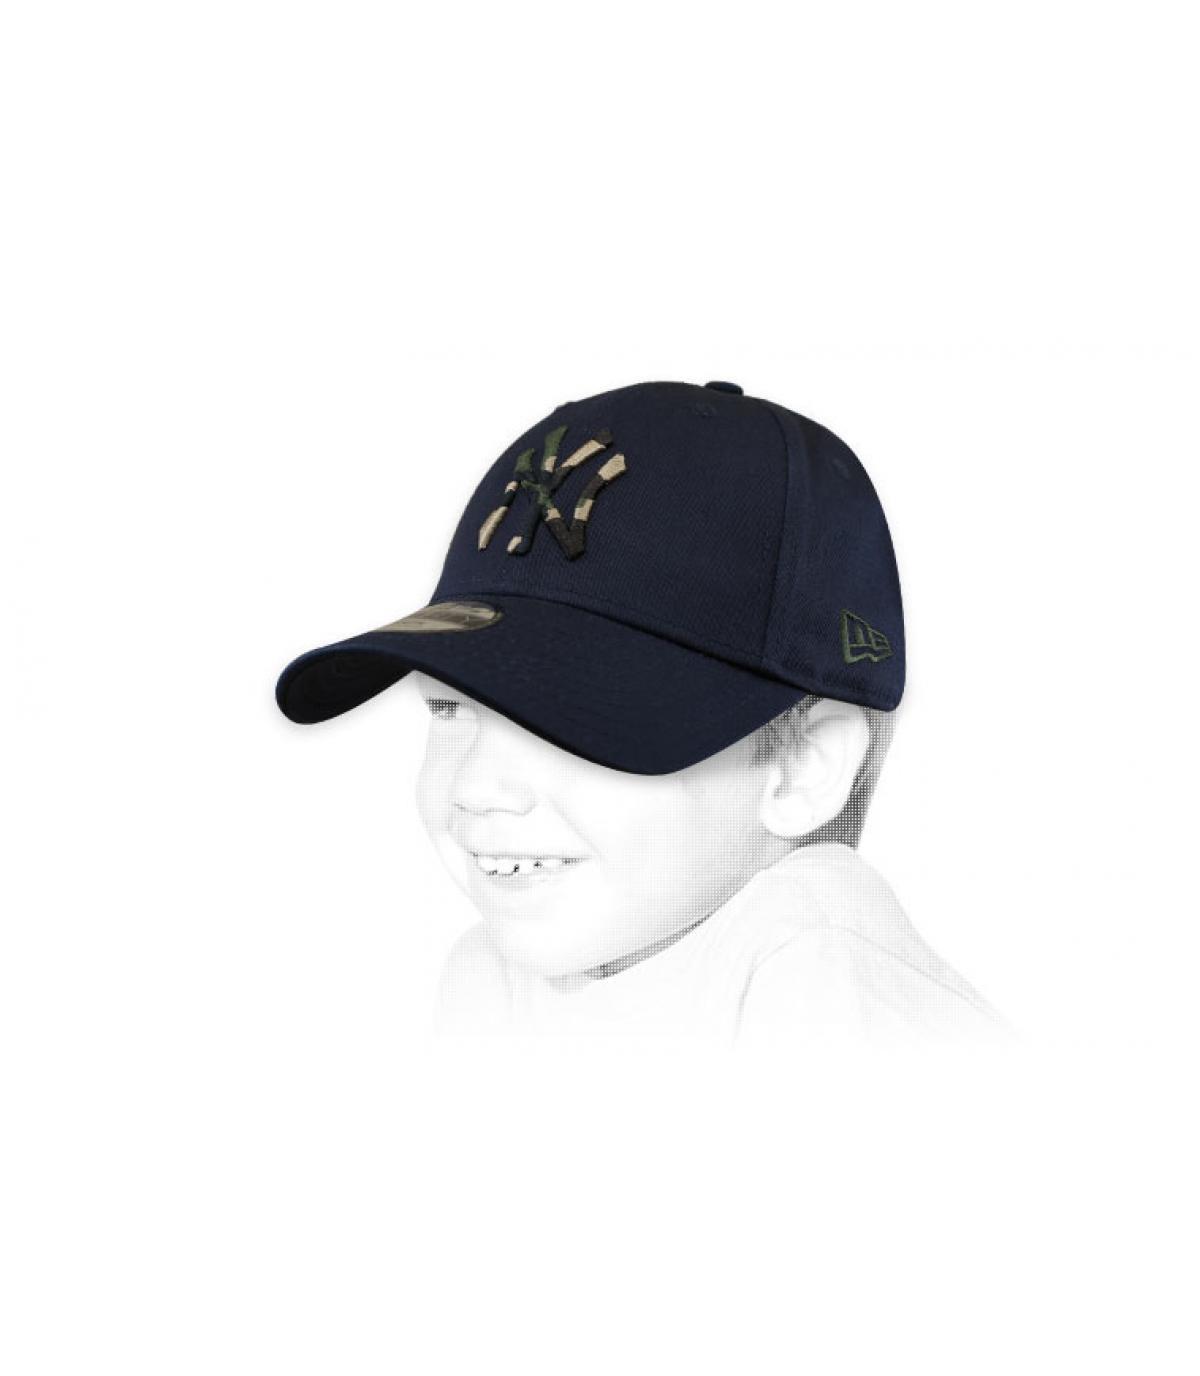 gorra niño NY azul camo